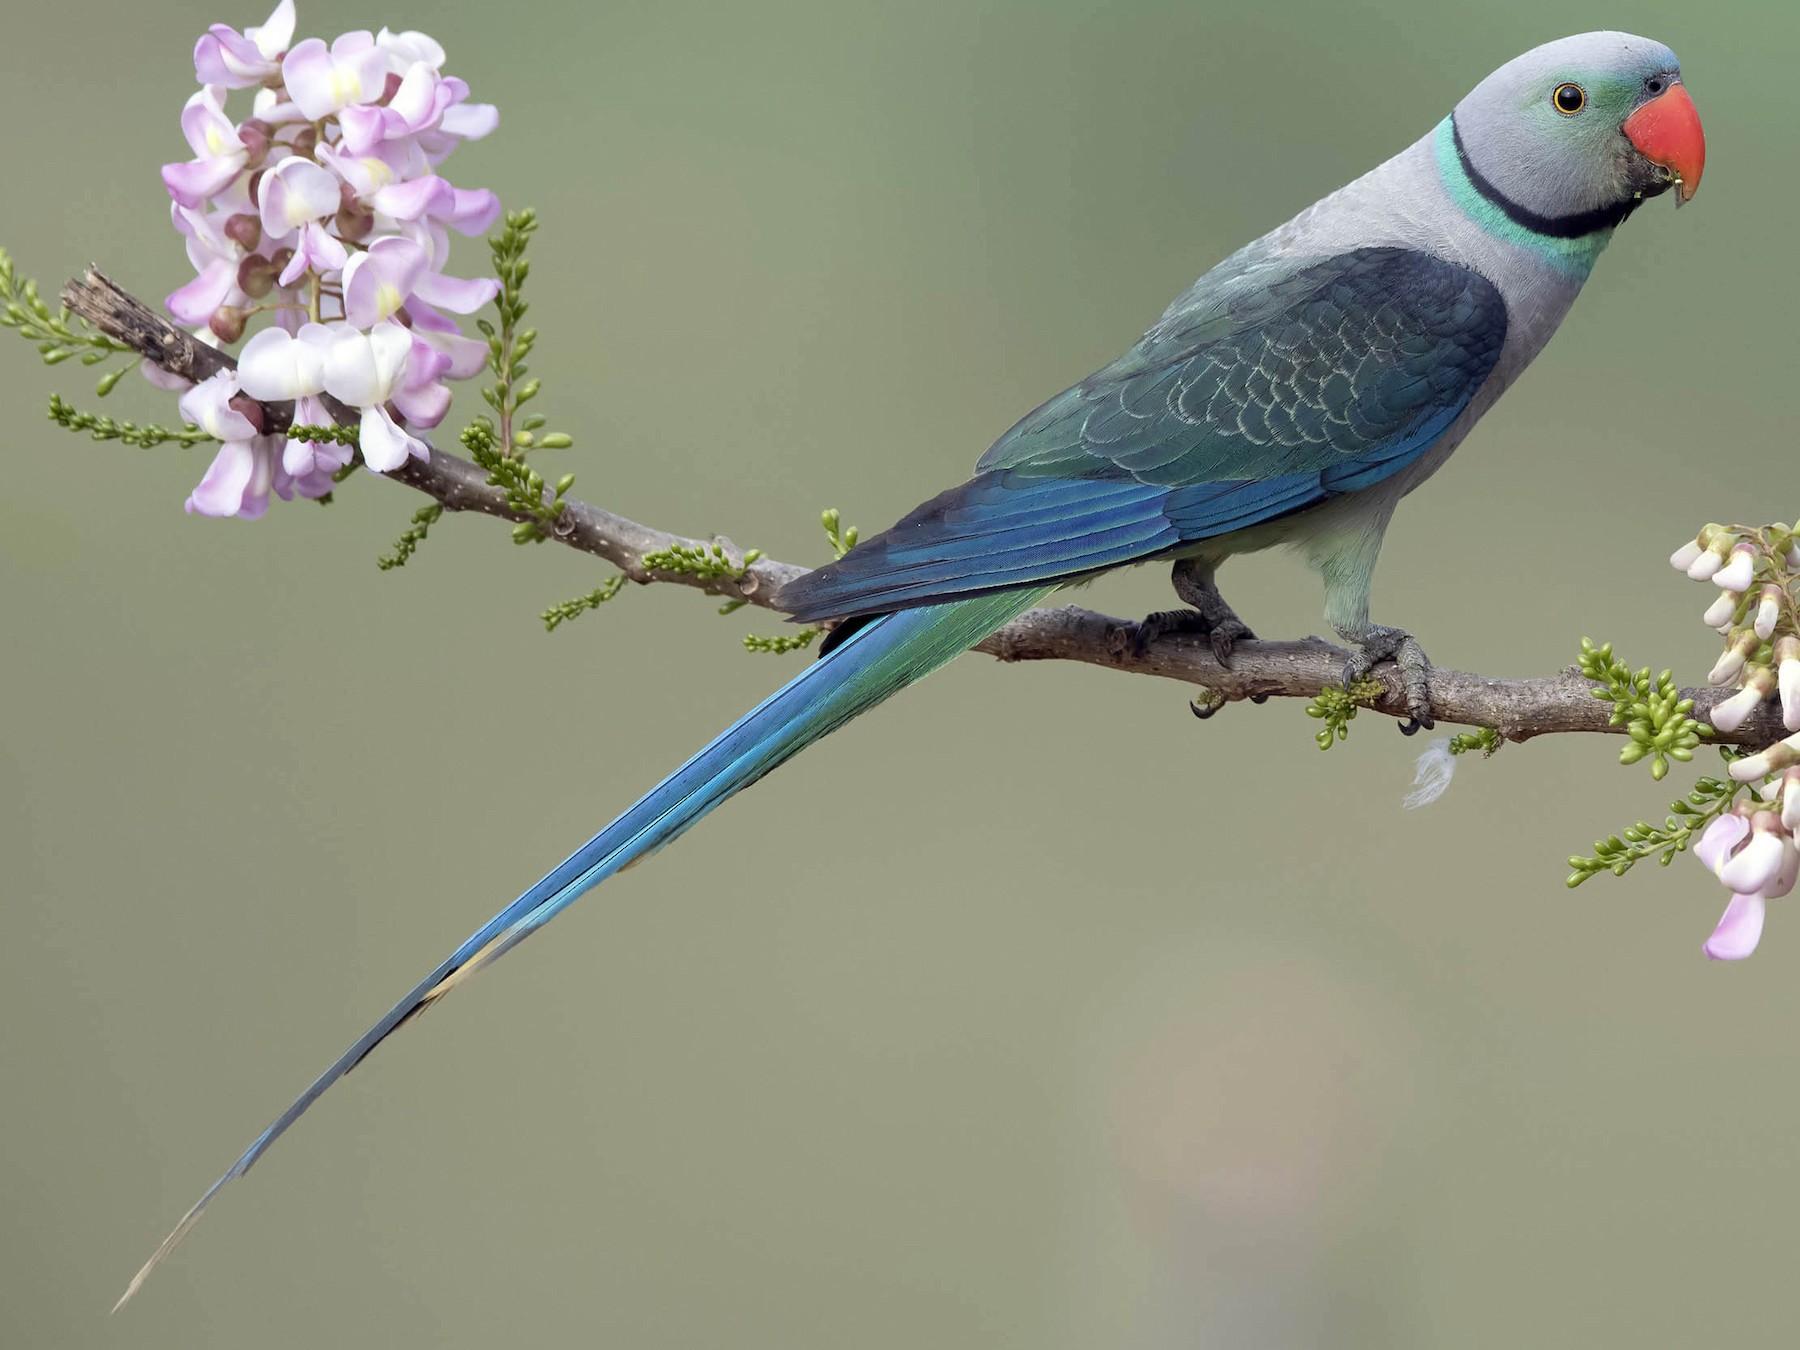 Malabar Parakeet - Prabhakar Manjunath